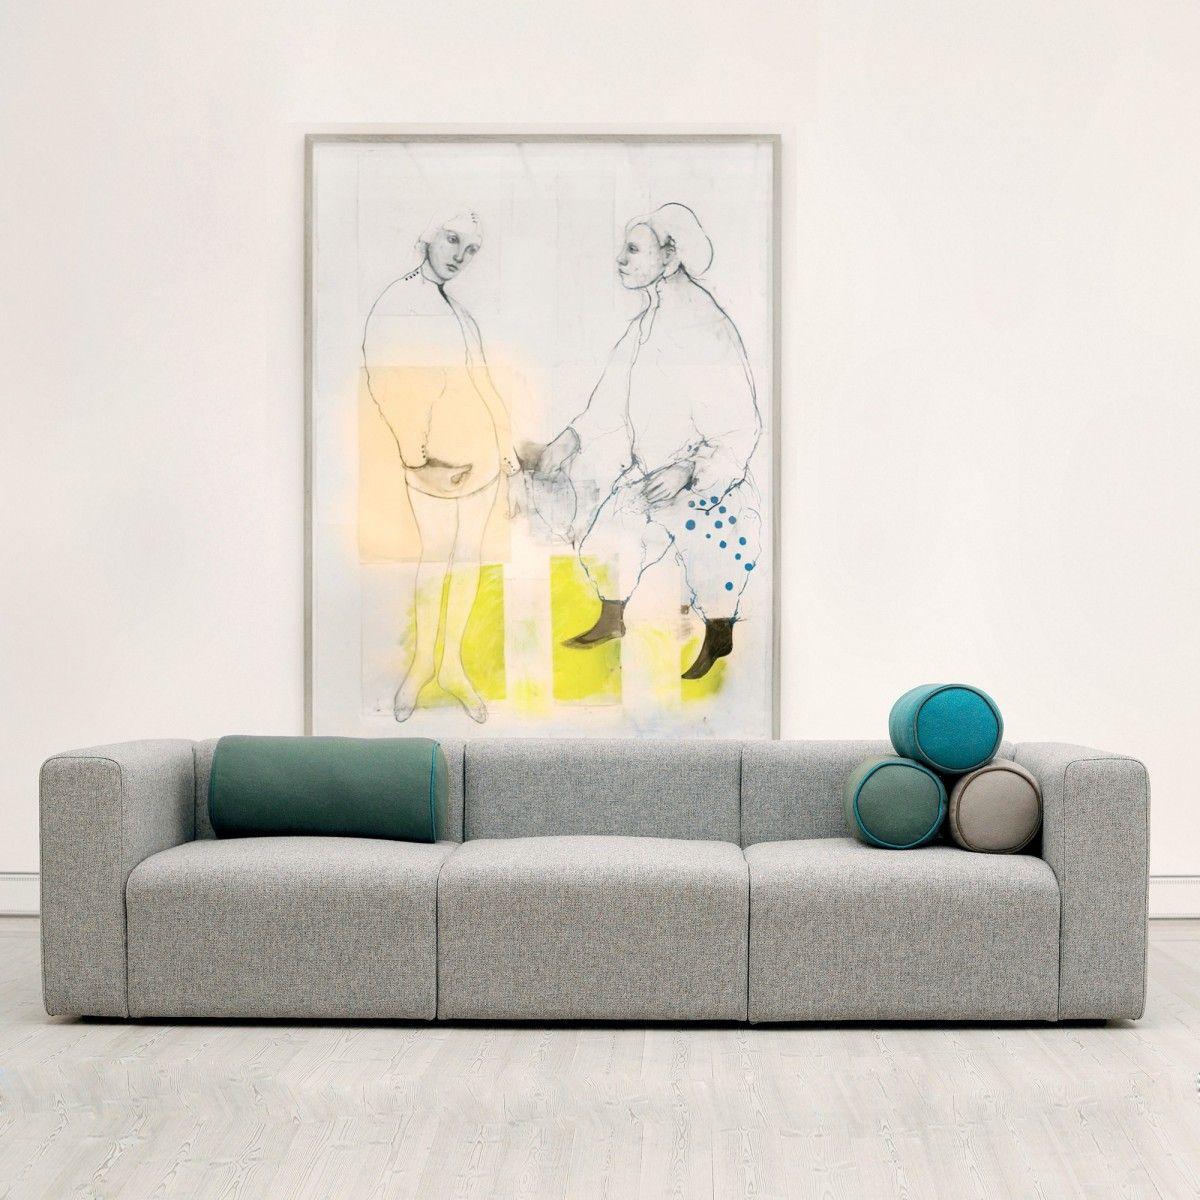 Le Canapé Places Mags Est Disponible Dans Une Large Variété De - Canapé 3 places pour chambre a coucher idee